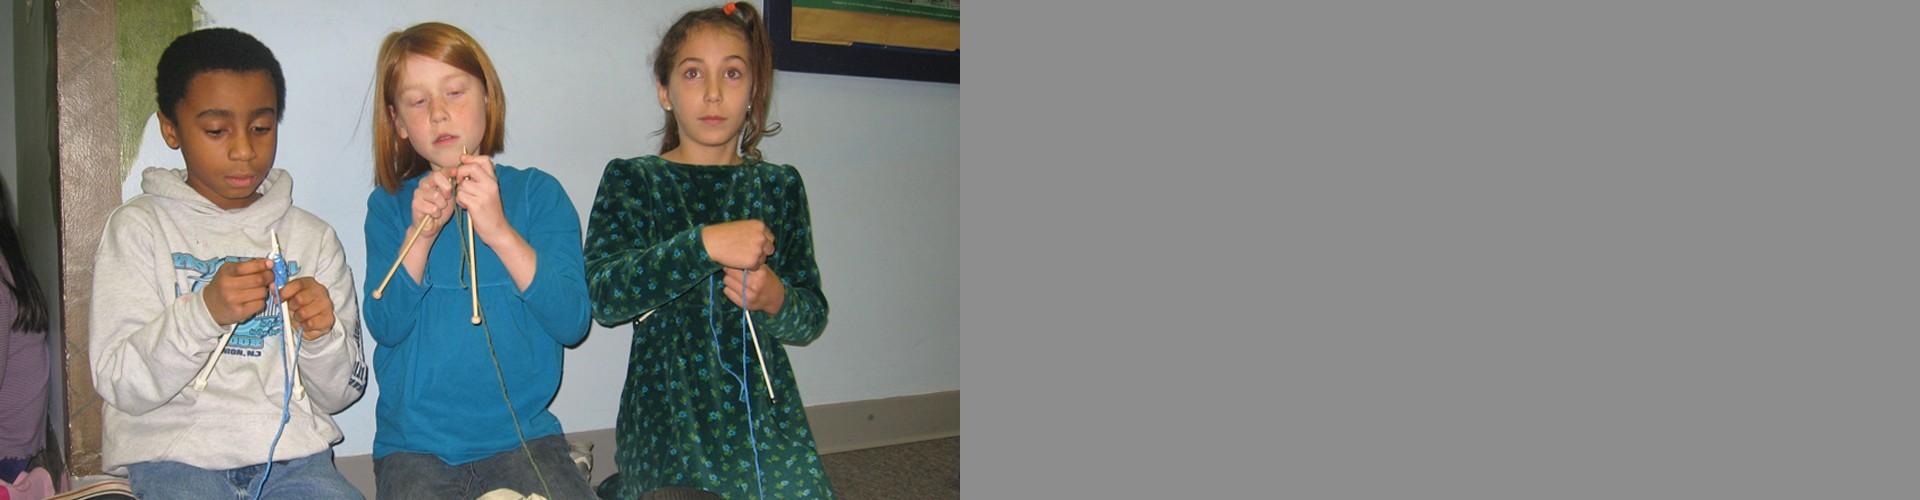 Achieve-Knitting-Slider copy